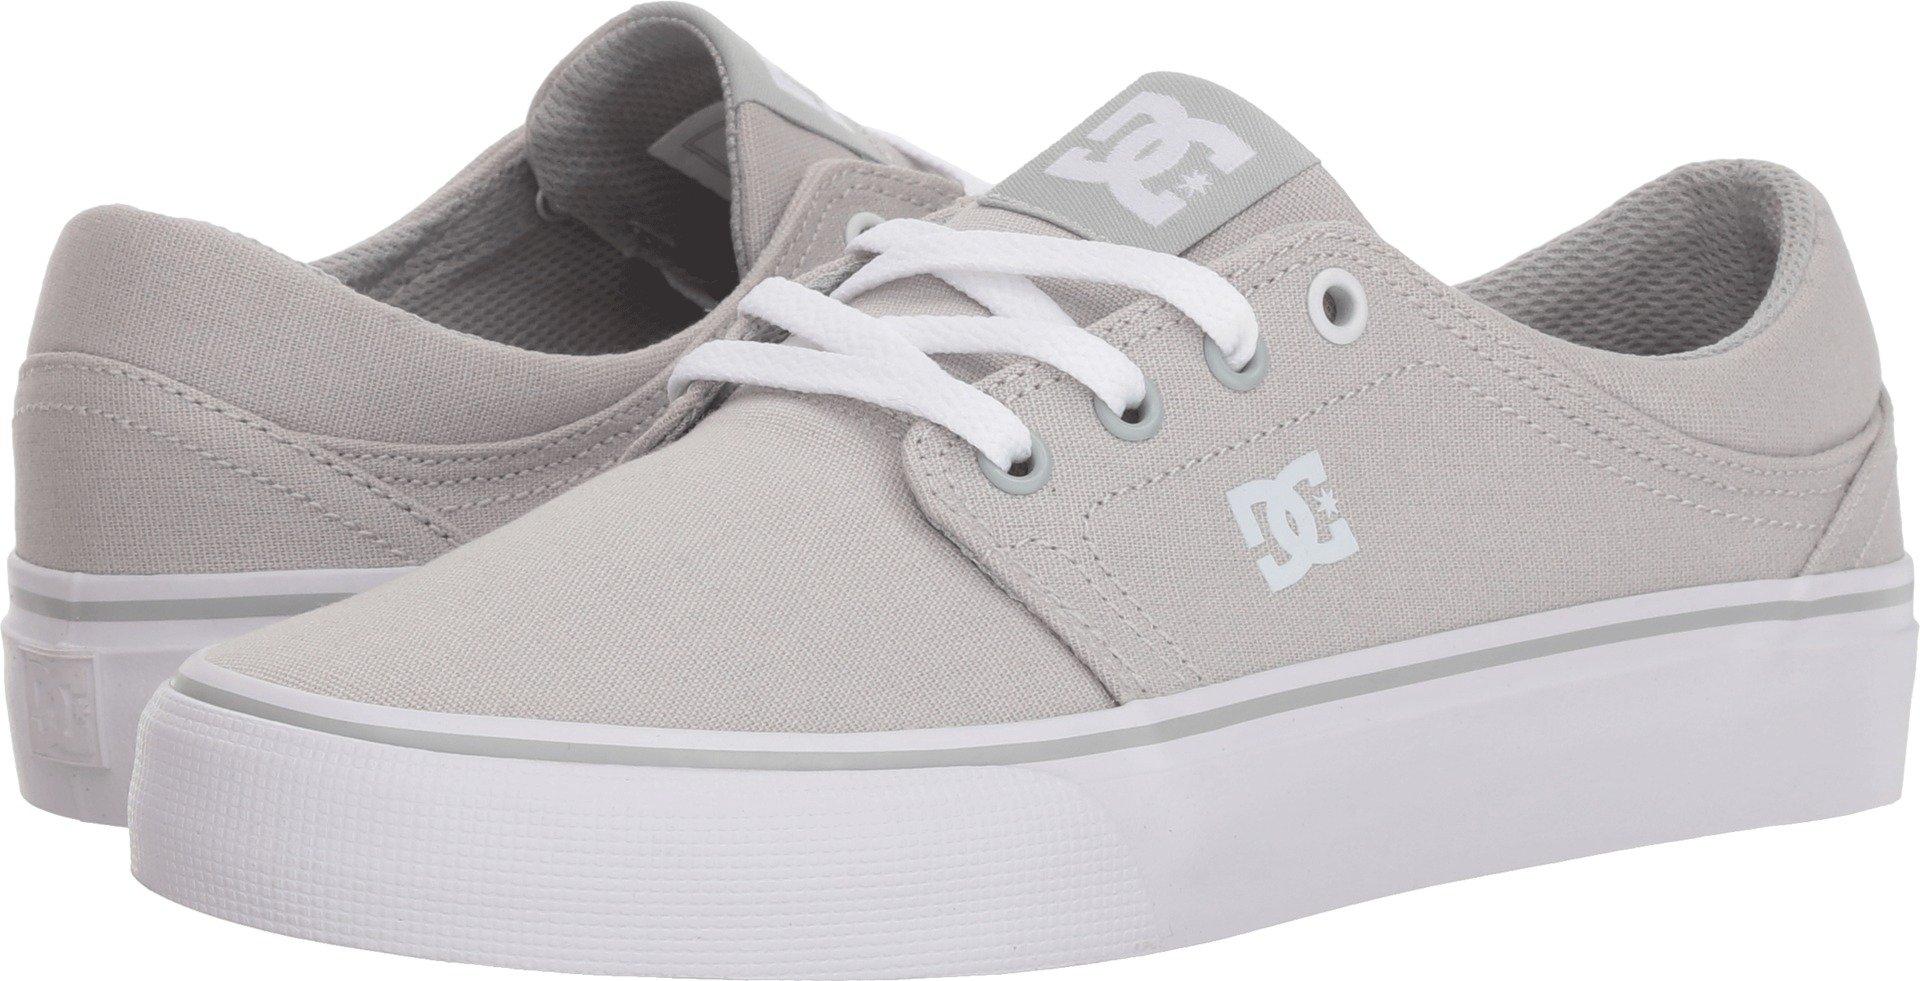 DC Women's Trase TX Skate Shoe, Grey Ash, 8 B B US